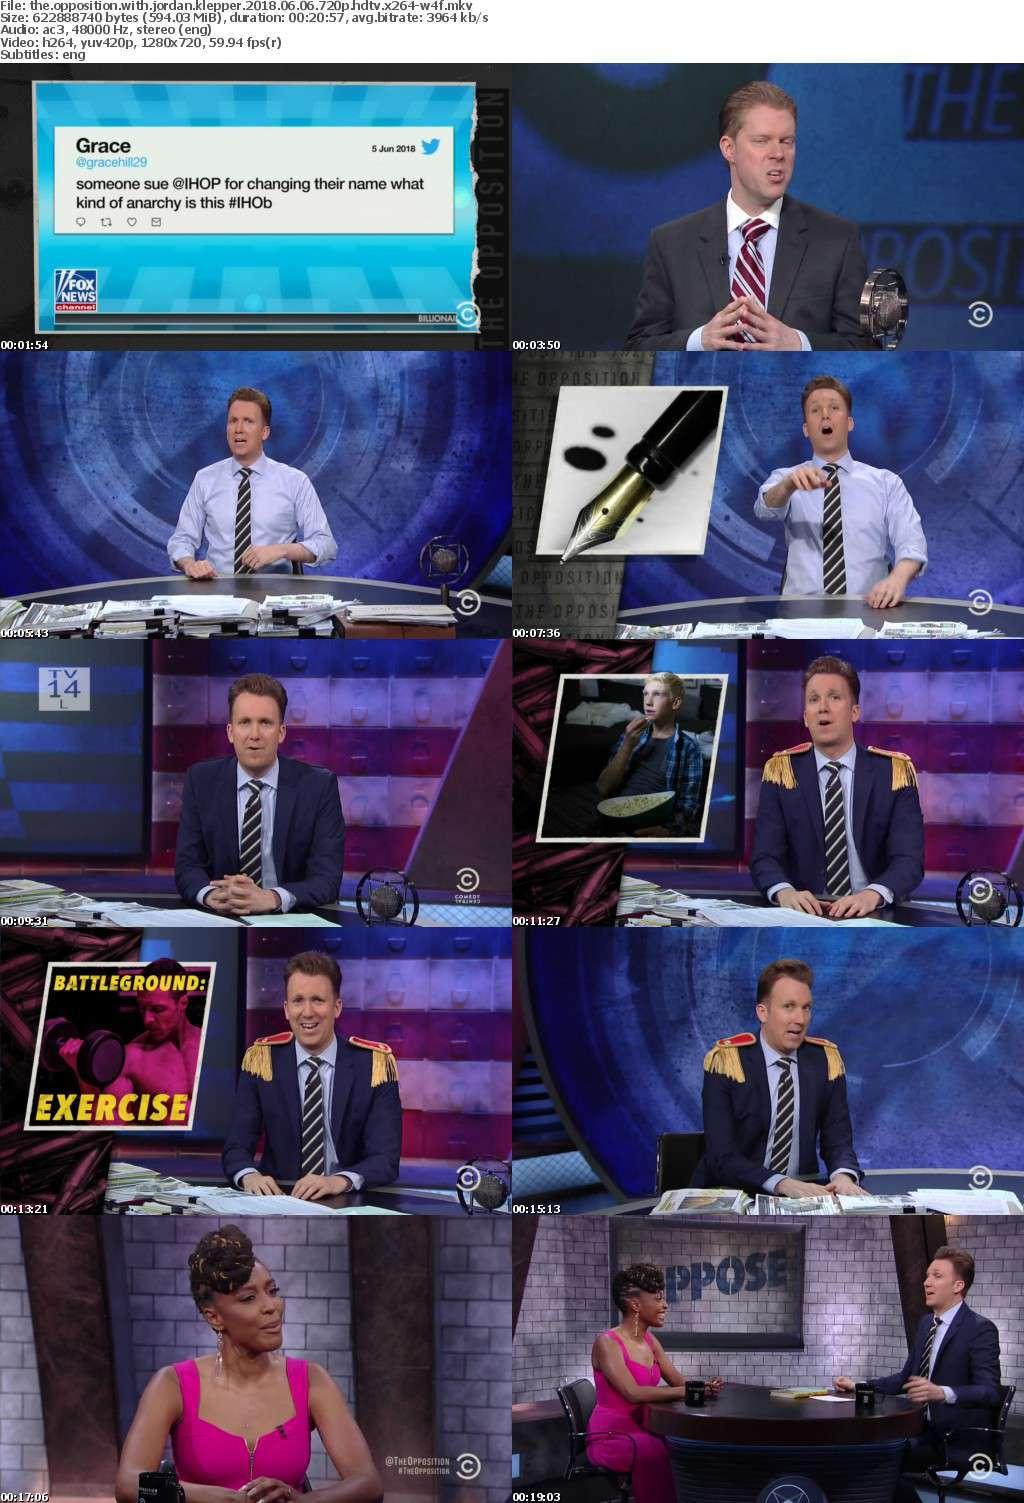 The Opposition with Jordan Klepper 2018 06 06 720p HDTV x264-W4F